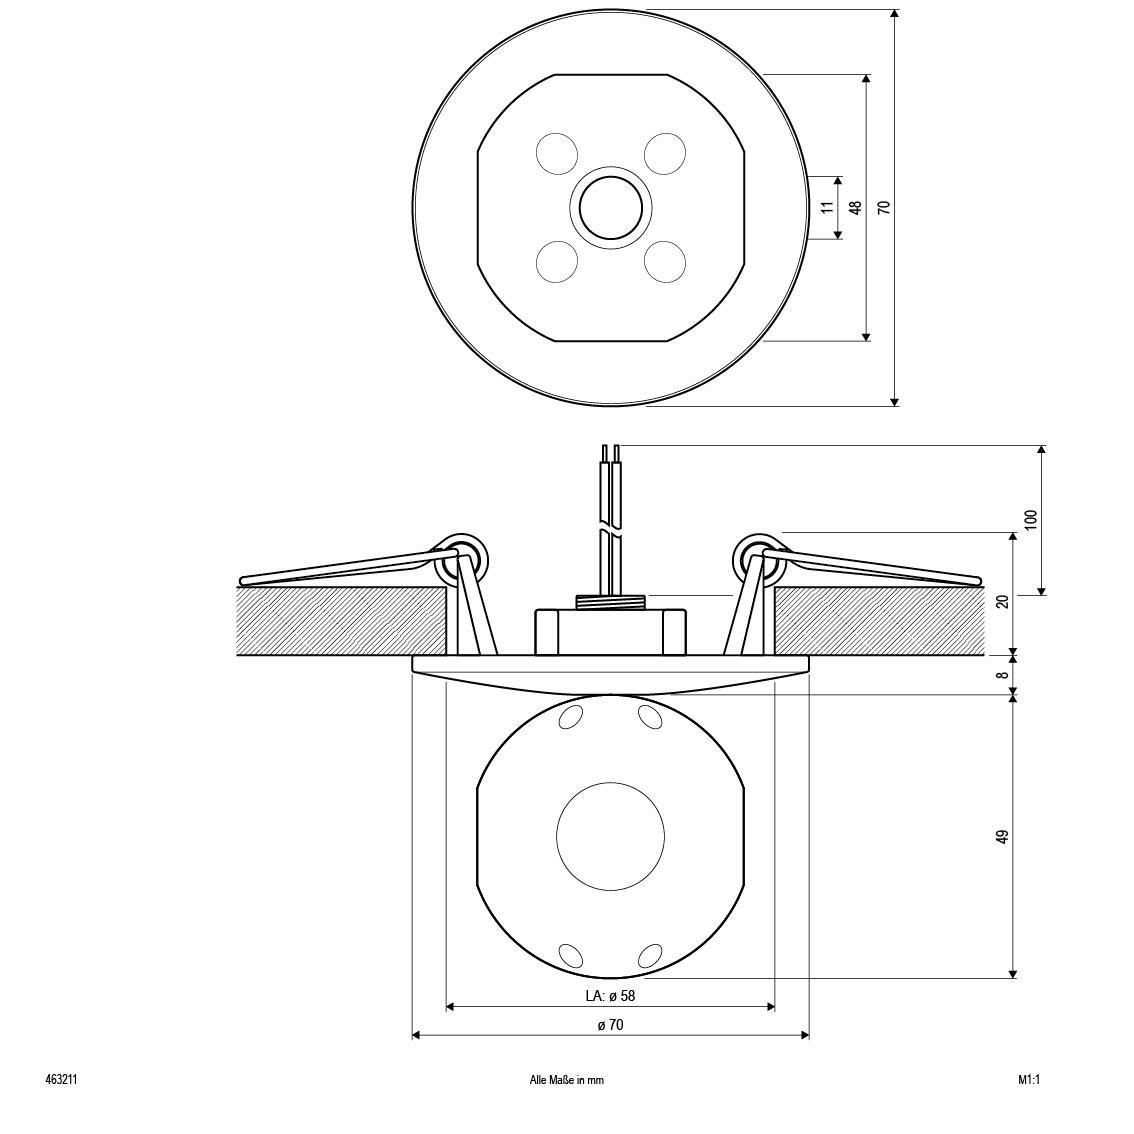 deckeneinbau rund chrom glaskugel ip20 g4 max 20w 12v. Black Bedroom Furniture Sets. Home Design Ideas